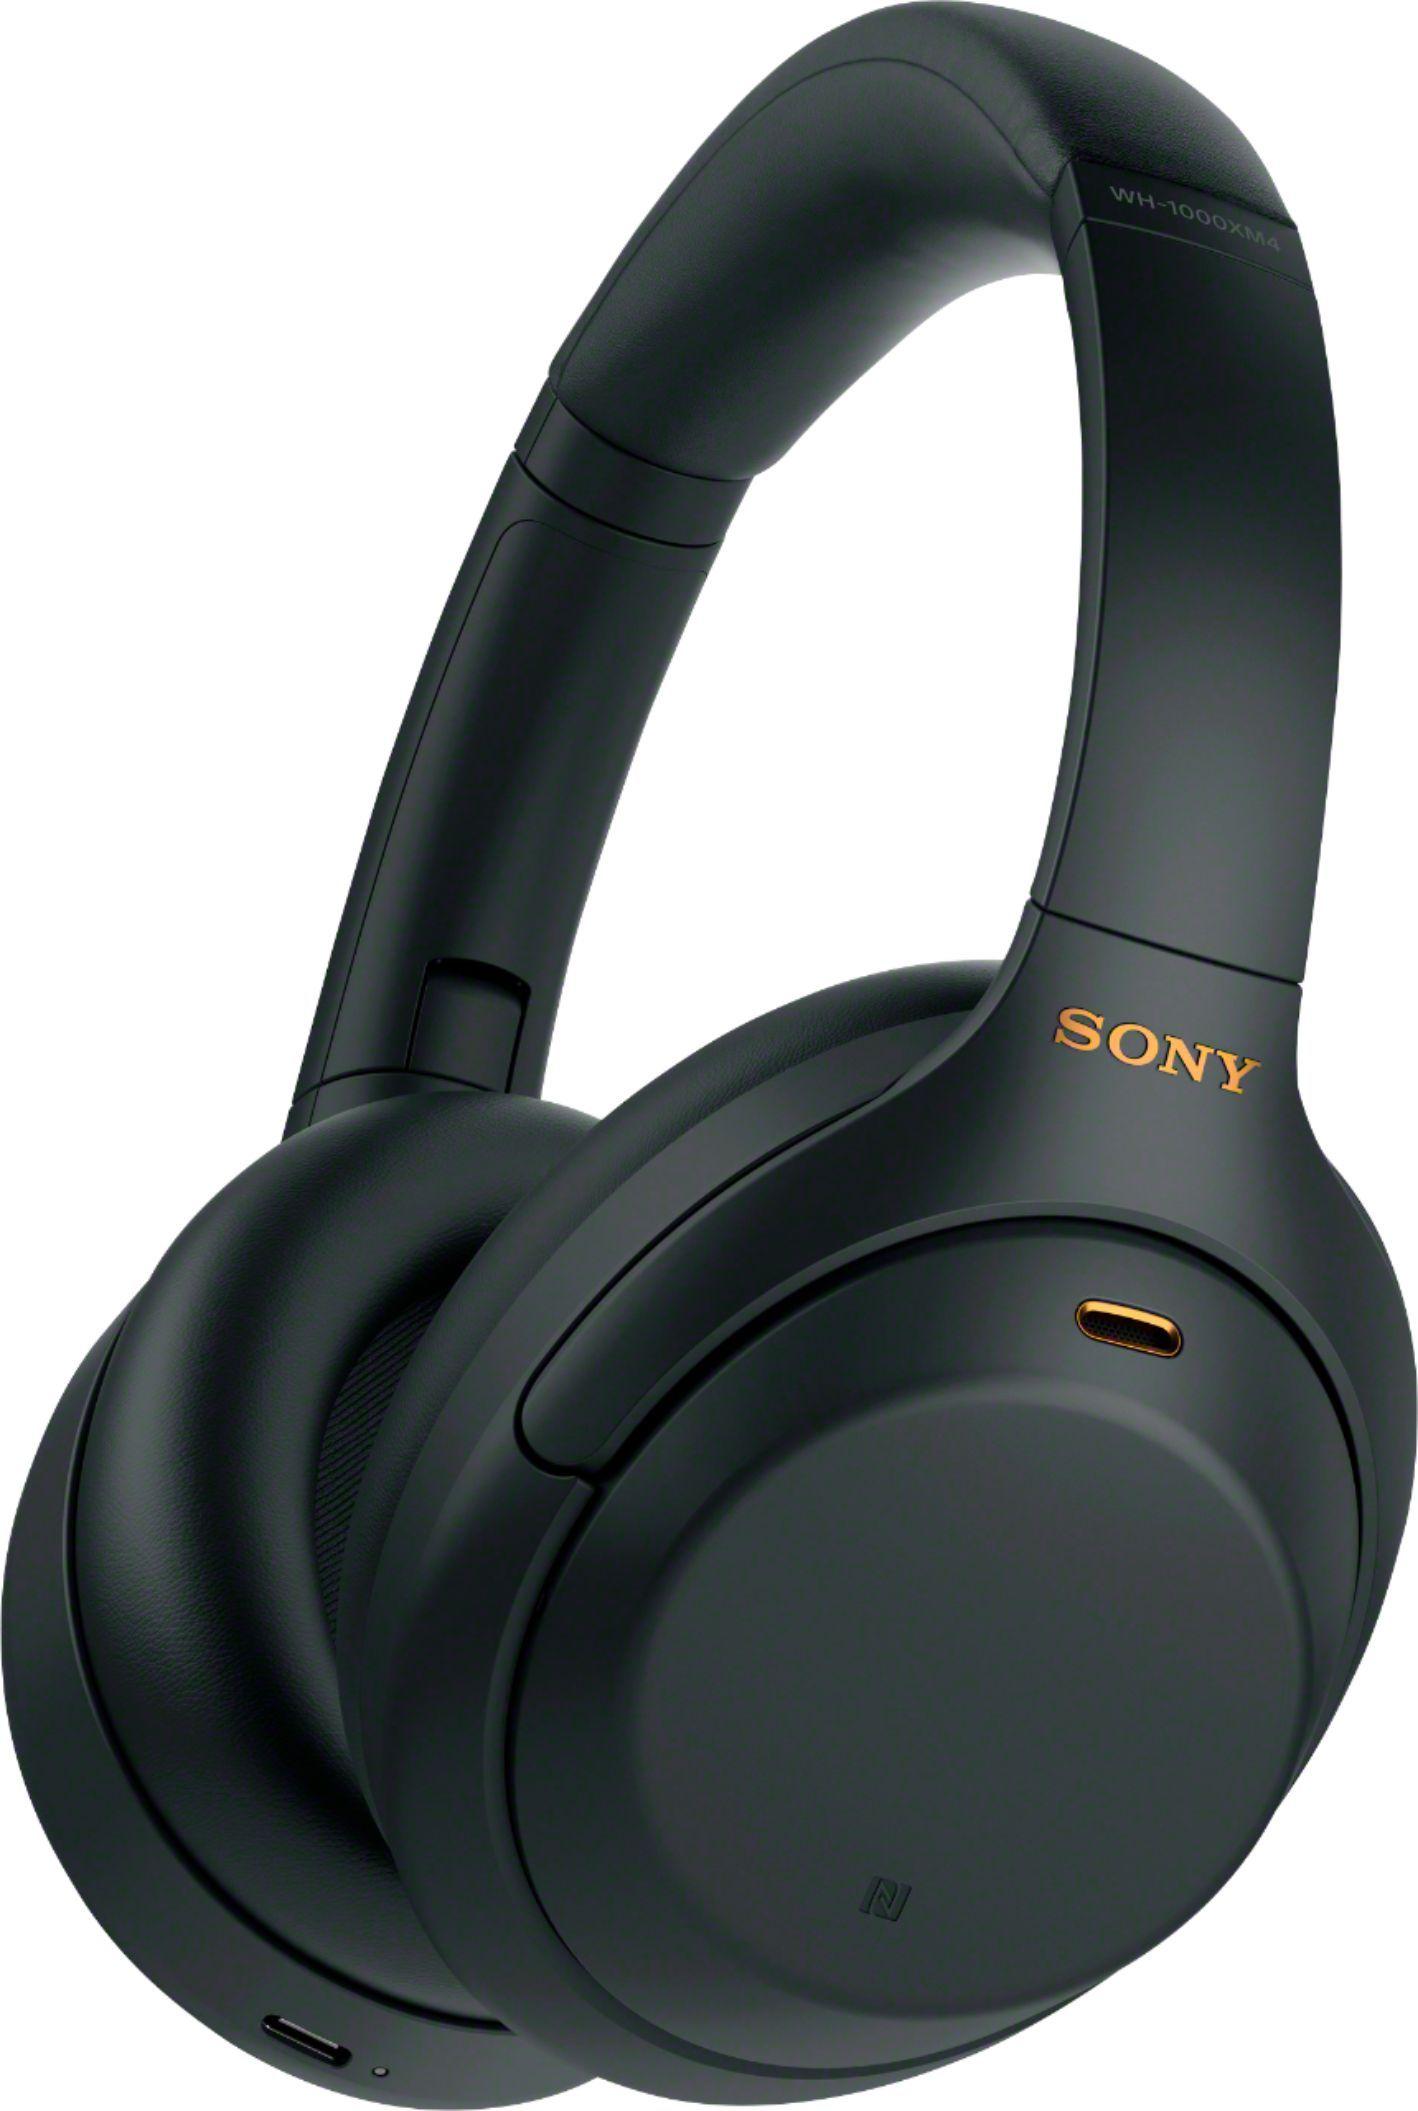 Casque audio sans fil Sony WH-1000XM4 (+13.82€ en RakutenPoints)